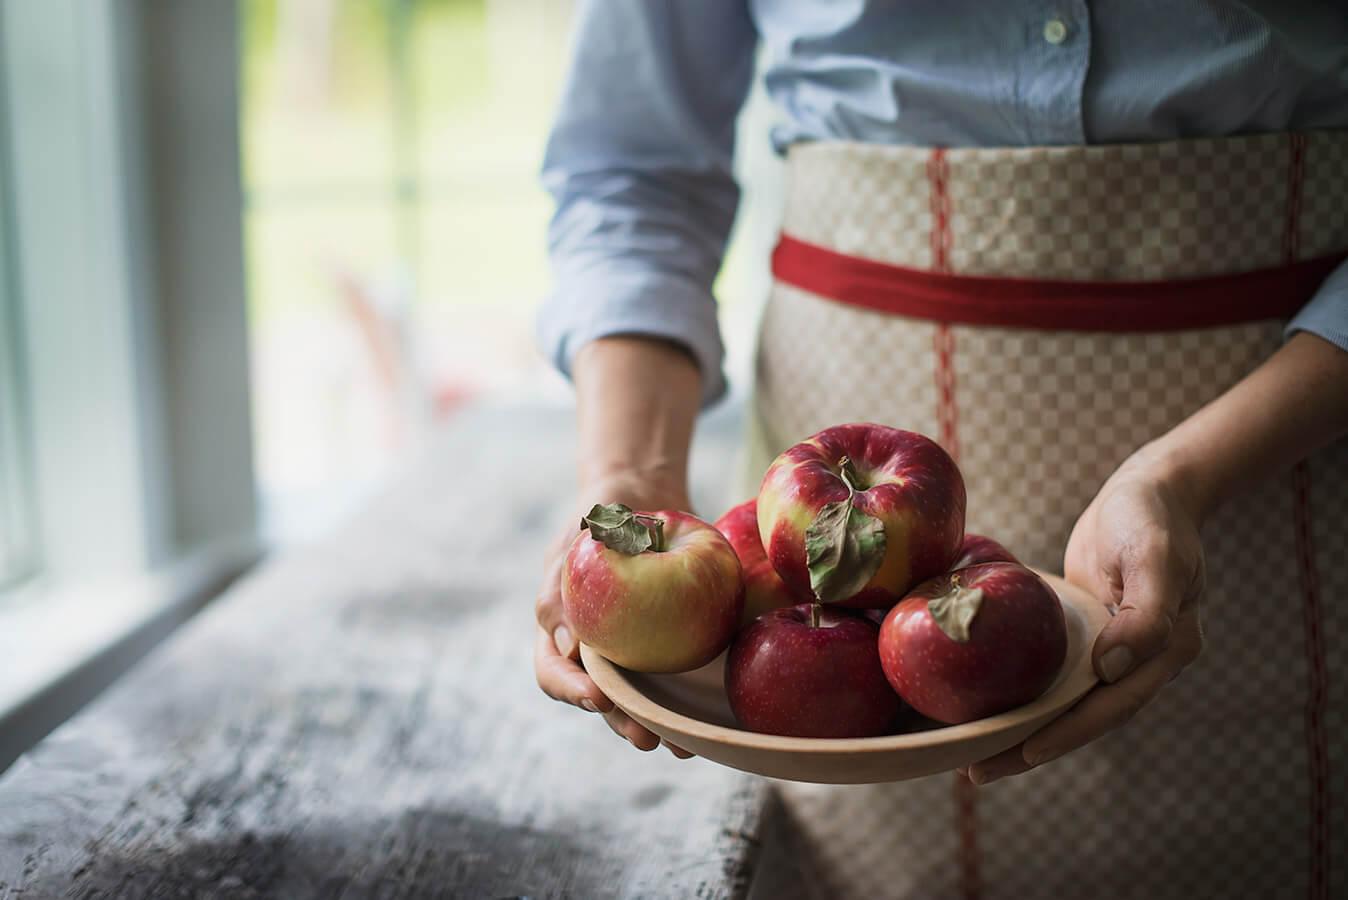 Ocet jabłkowy na odchudzanie? Czy ocet jabłkowy odchudza?